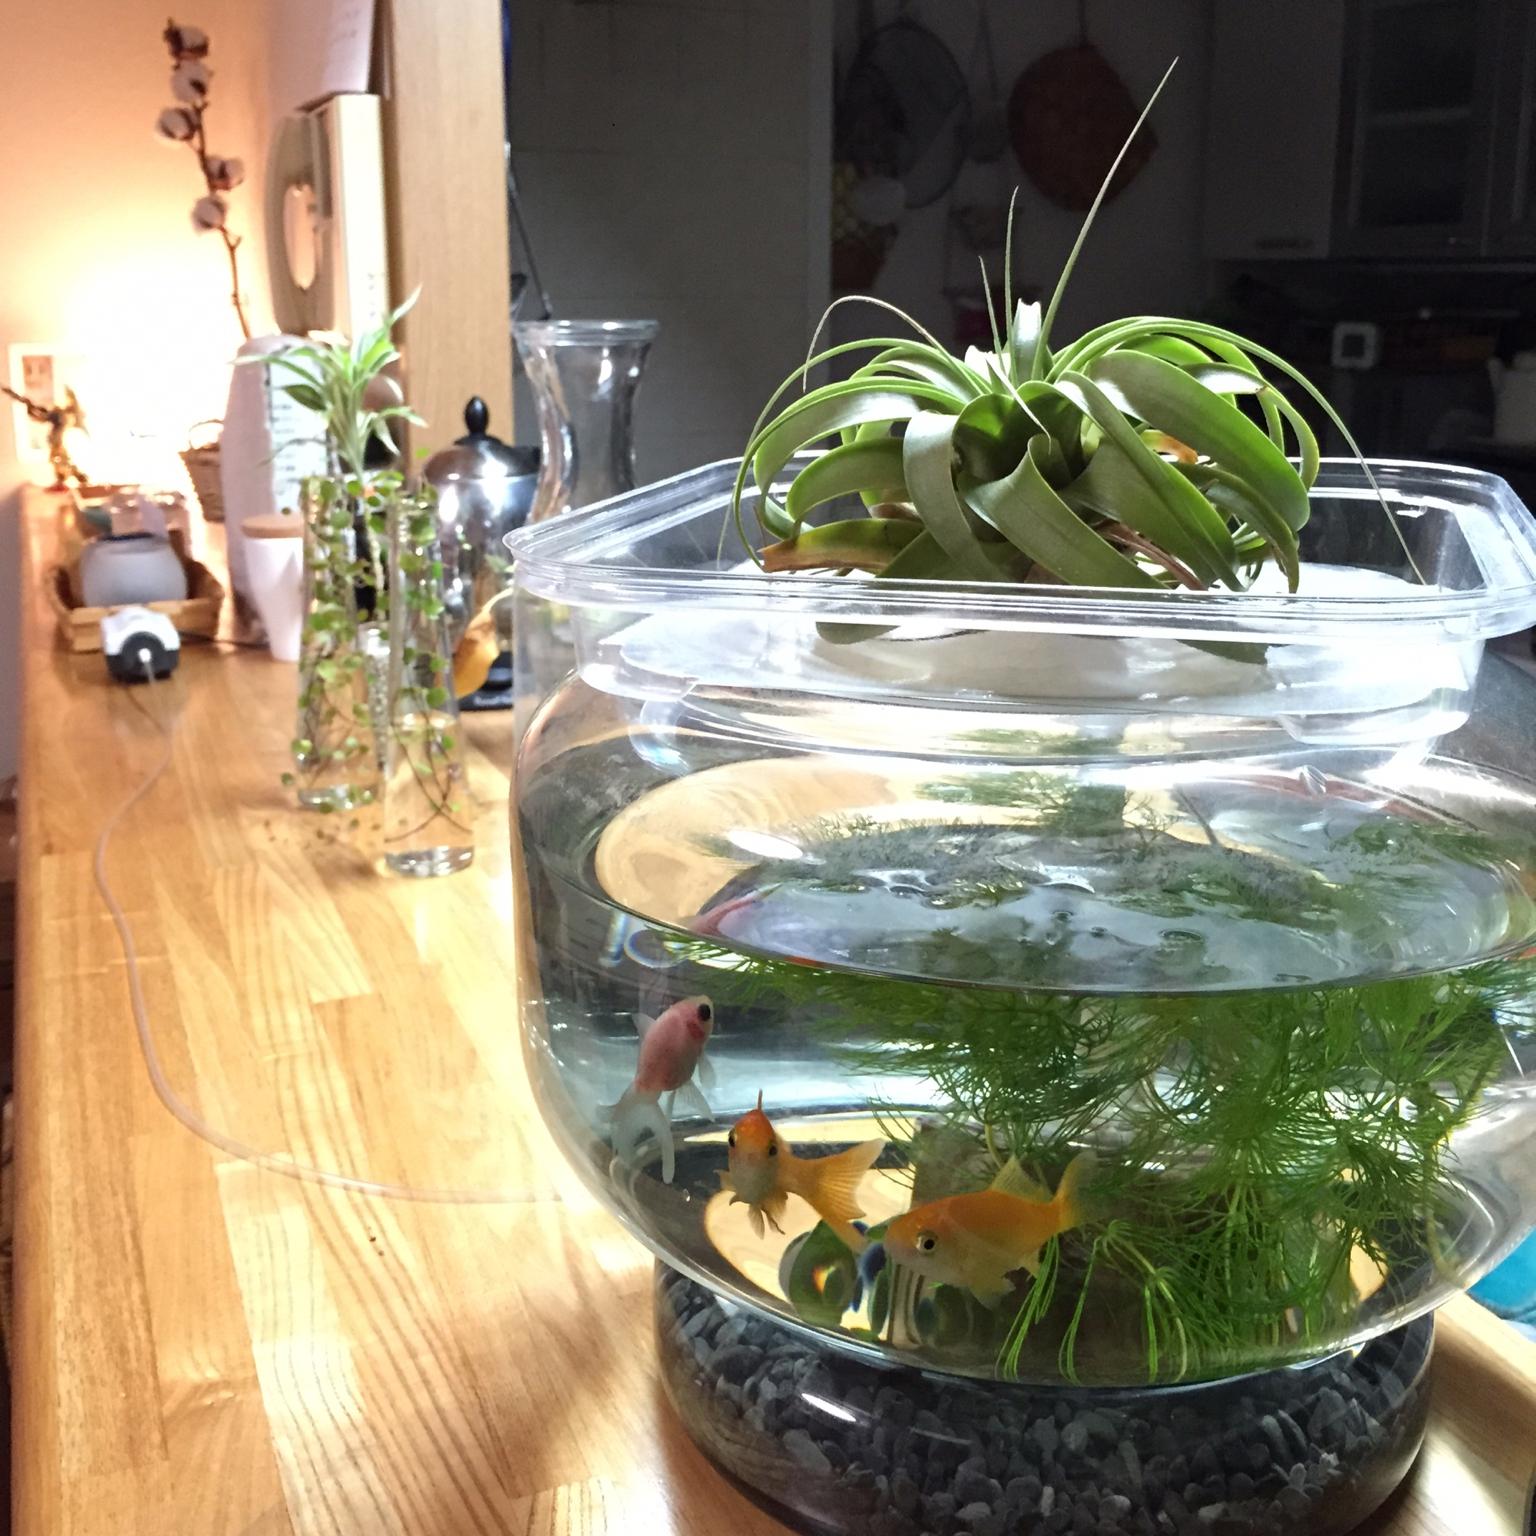 観葉植物と水槽を置いて水と緑の癒しのパワーをゲットしましょう!のサムネイル画像